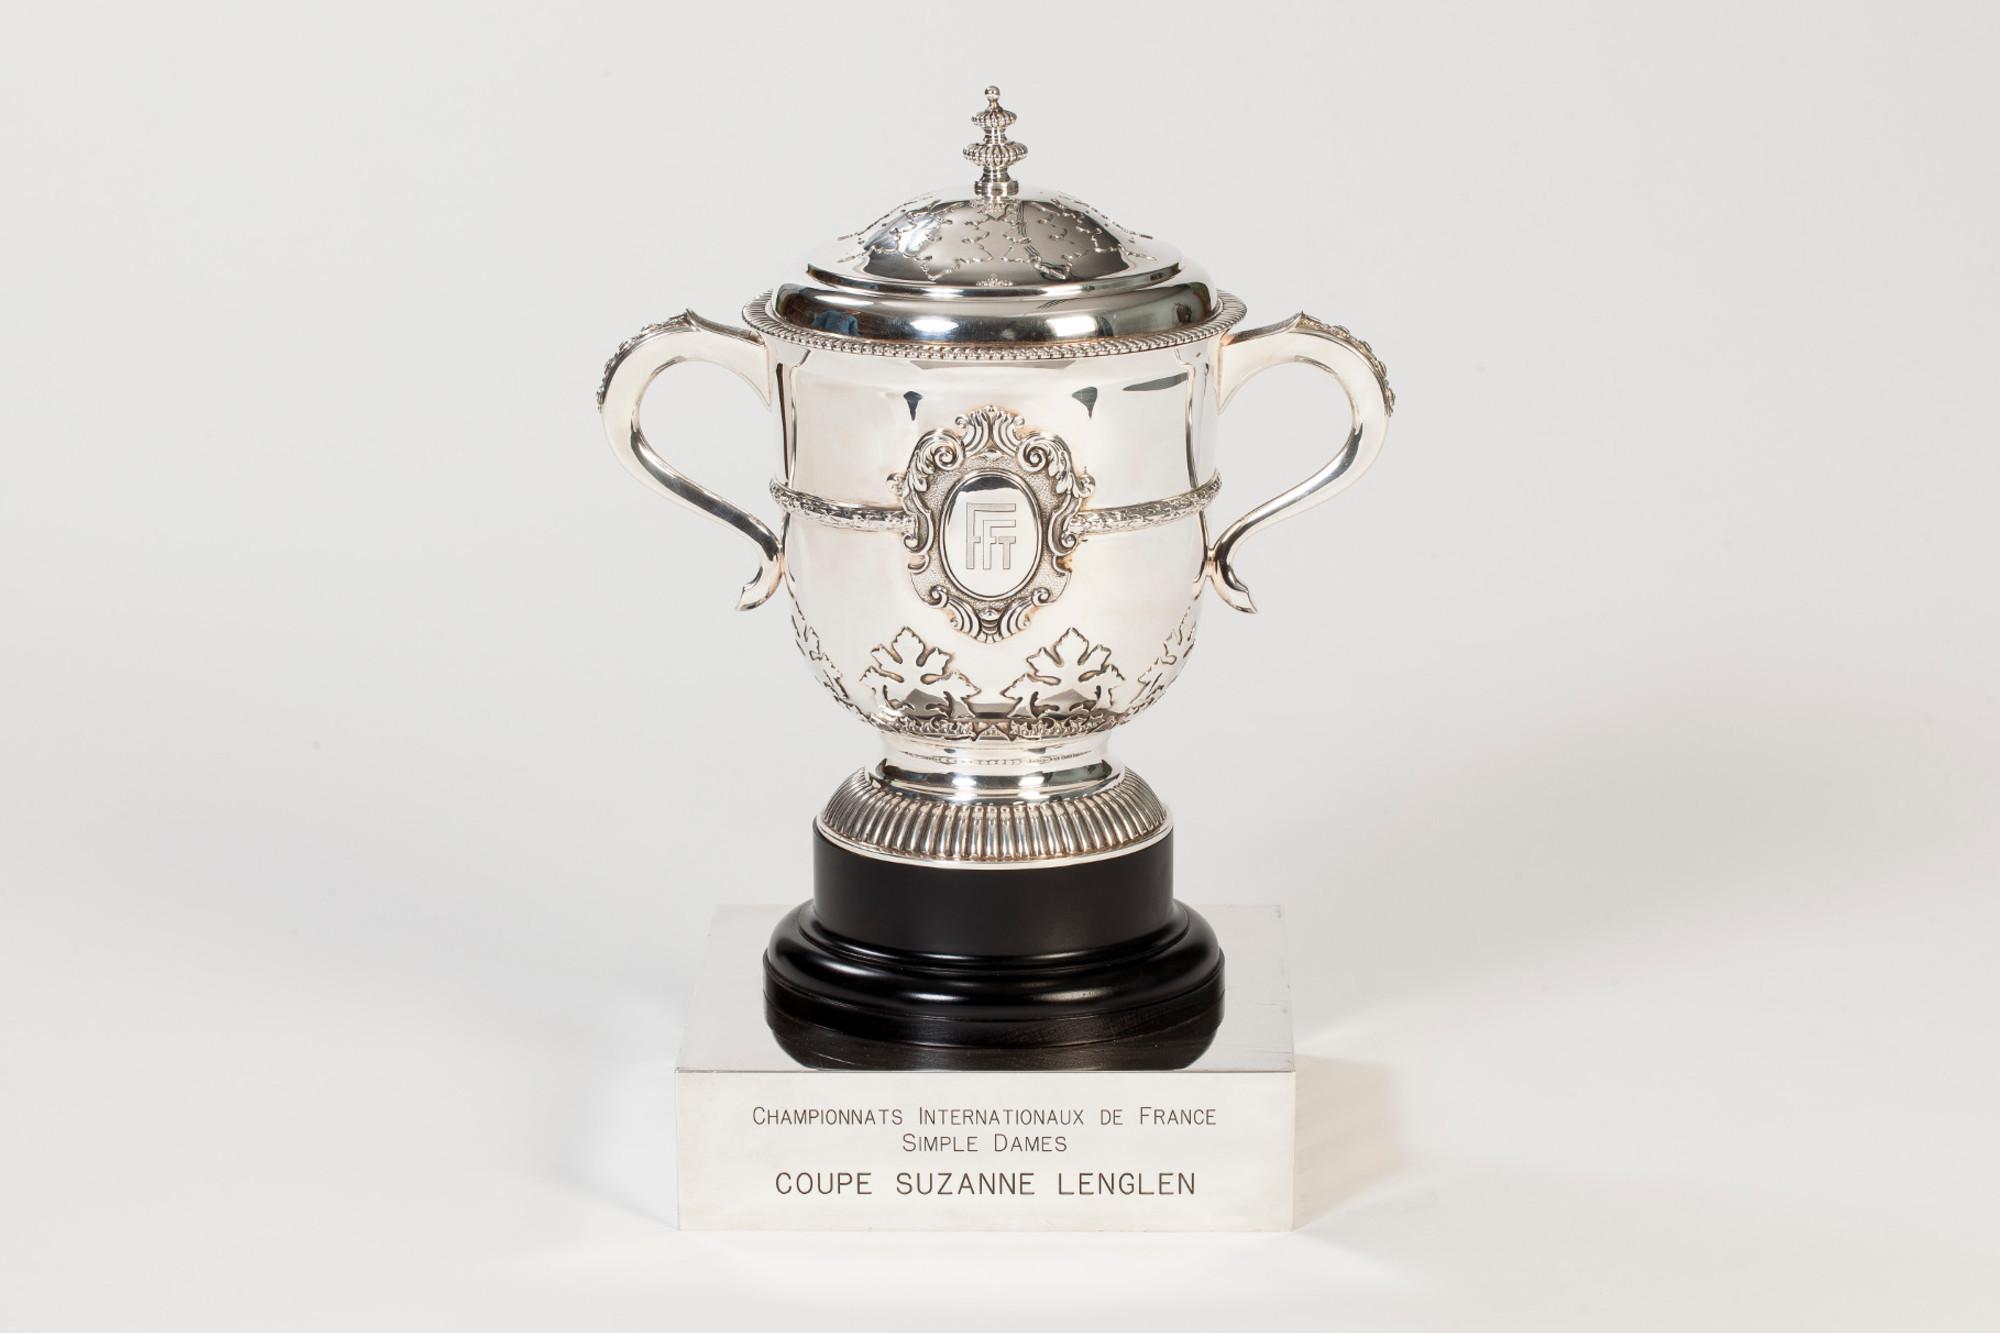 coupe Suzanne-Lenglen simple dames trophée Roland-Garros / Suzanne-Lenglen's cup women's singles Roland-Garros trophy.